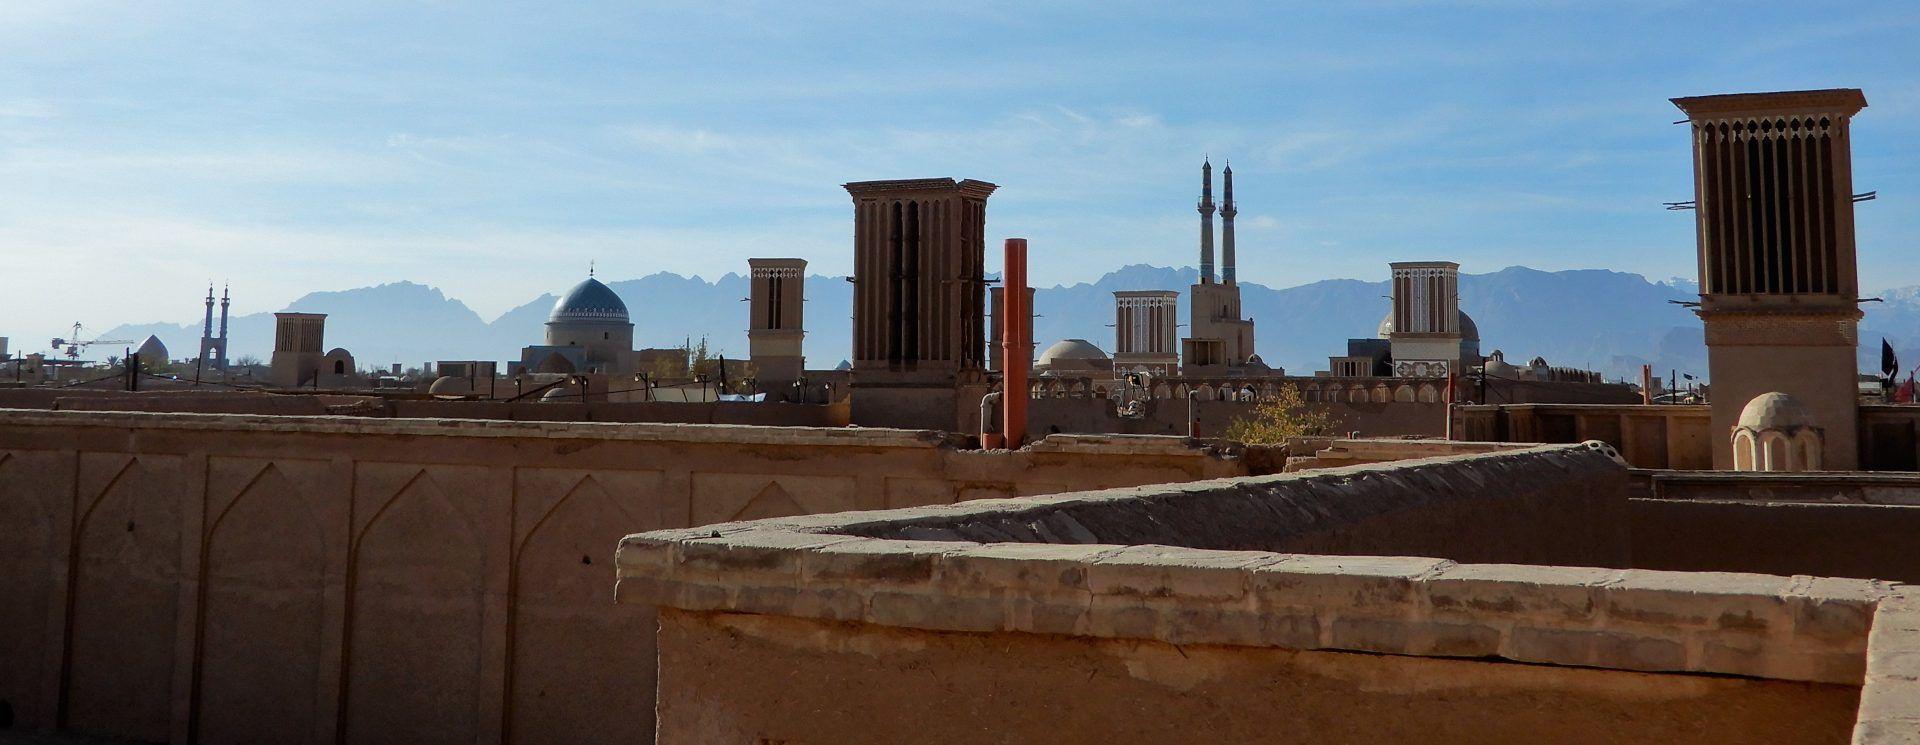 Vista panorámica de Yazd, Iran